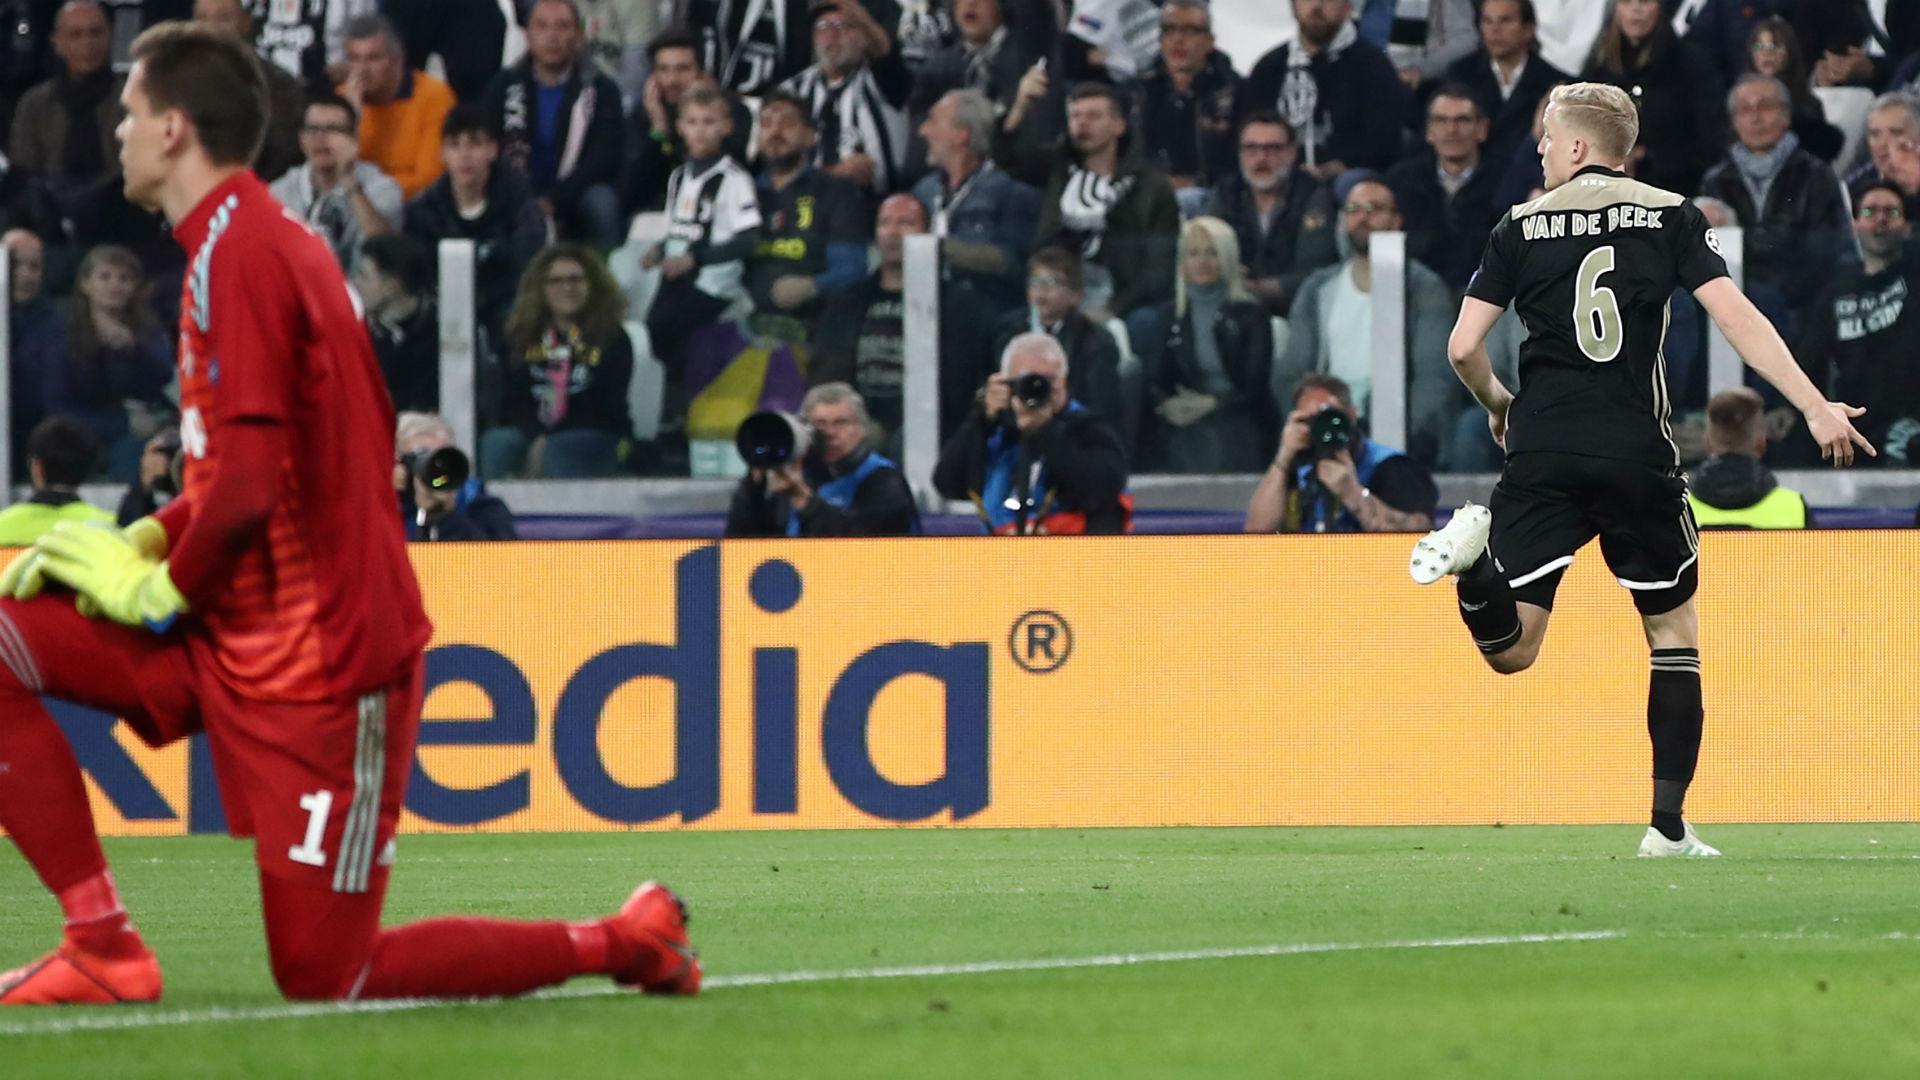 Van de Beek Juventus Ajax Champions League